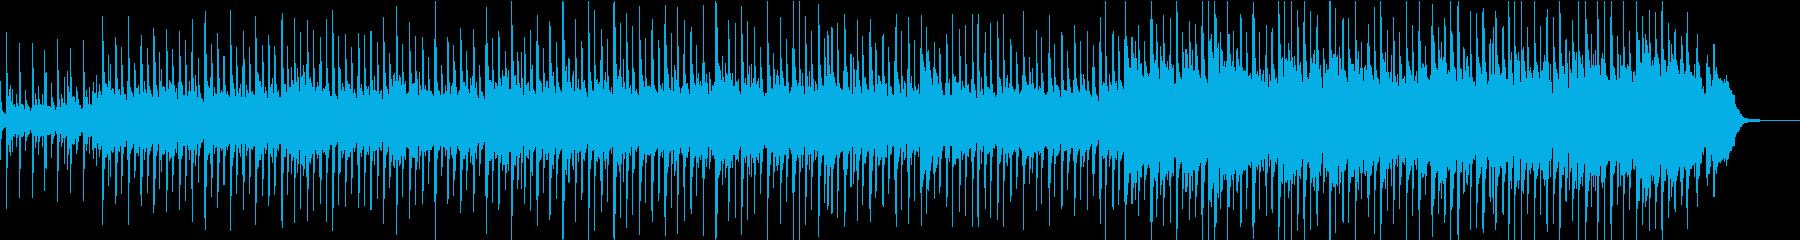 カントリー 民謡 コーポレート ア...の再生済みの波形